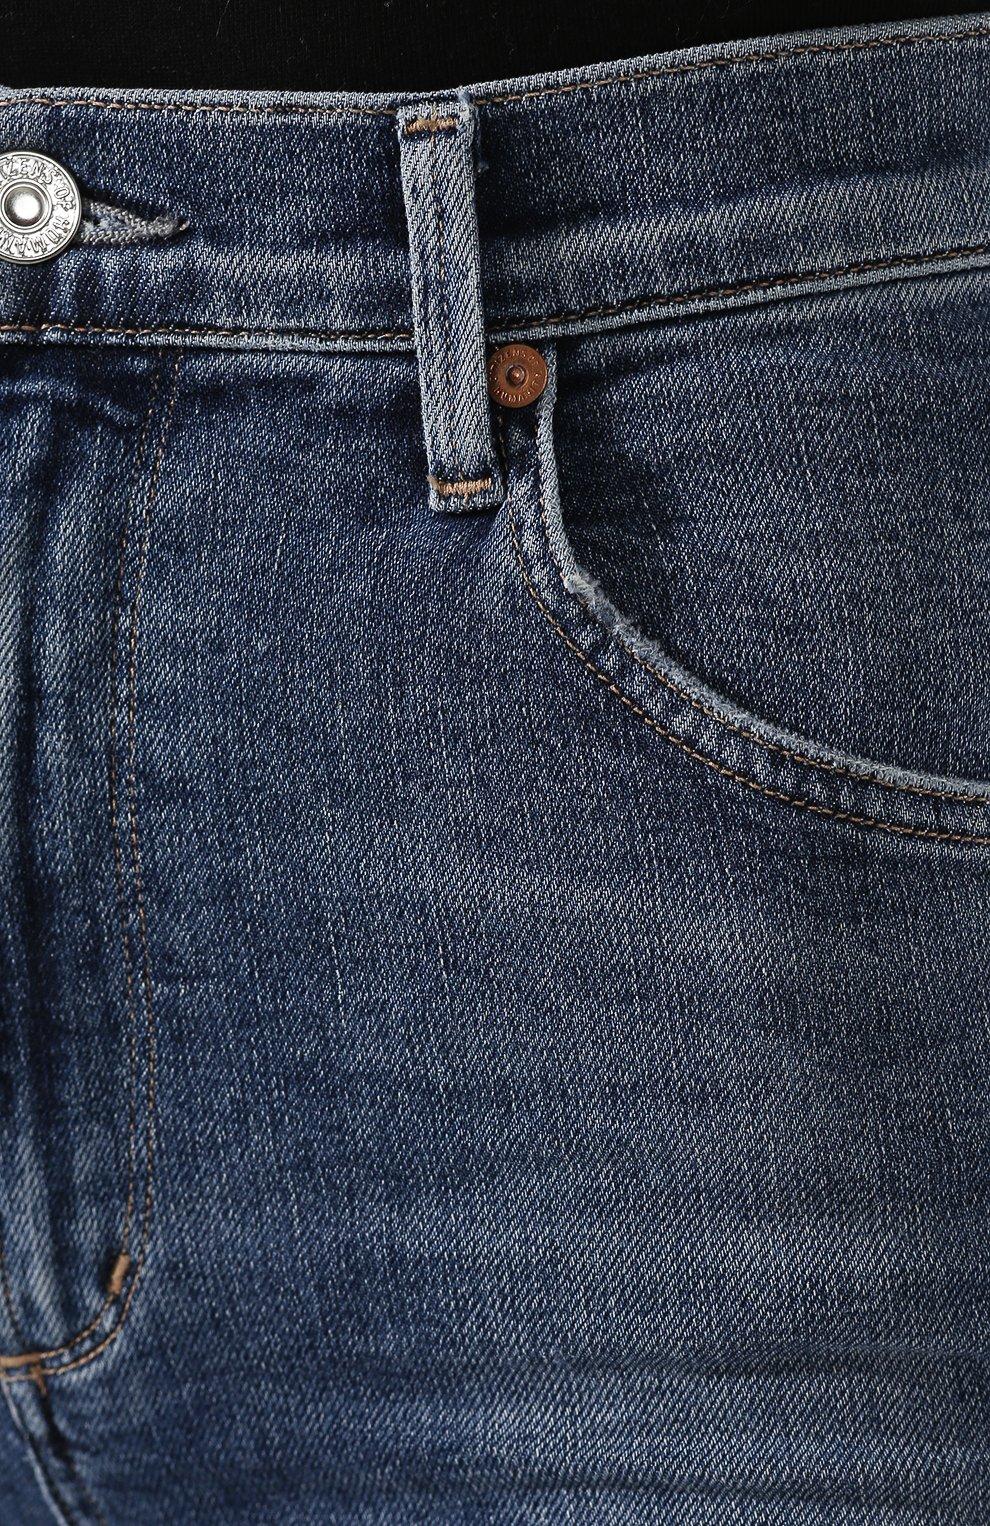 Женские джинсы CITIZENS OF HUMANITY синего цвета, арт. 1611-1152 | Фото 5